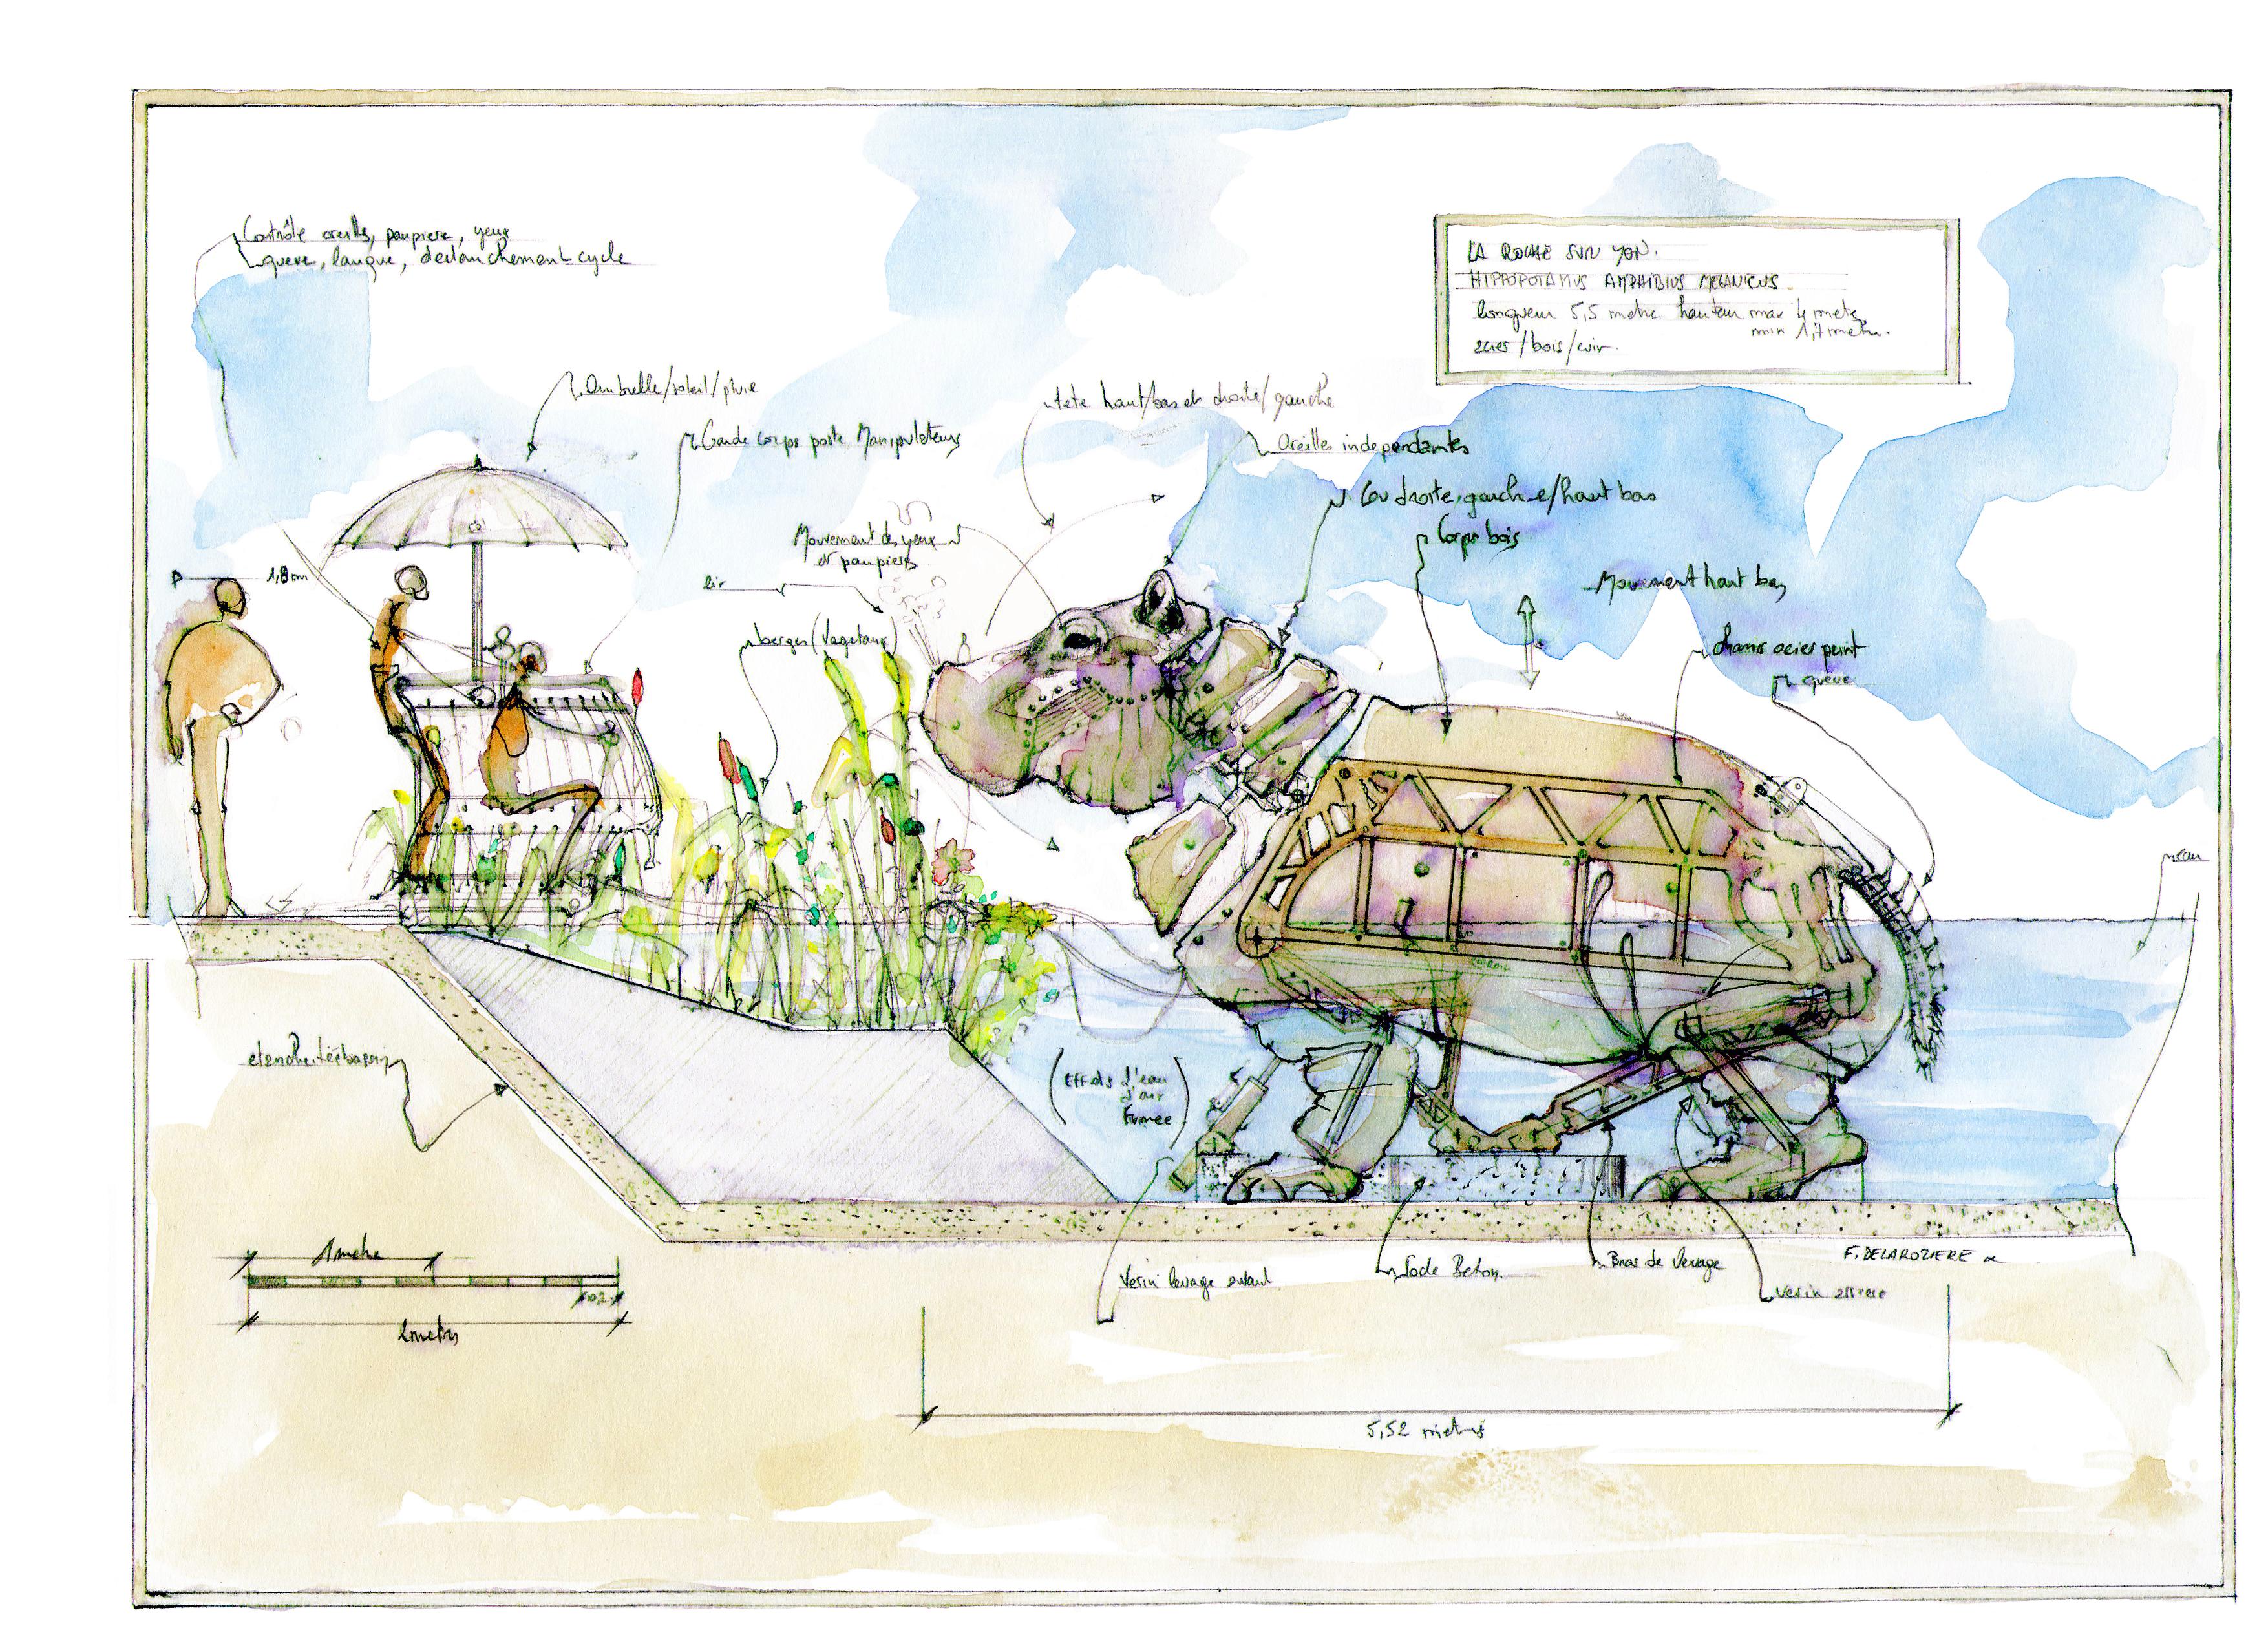 Croquis de l'Hippopotame (c) Delaroziere